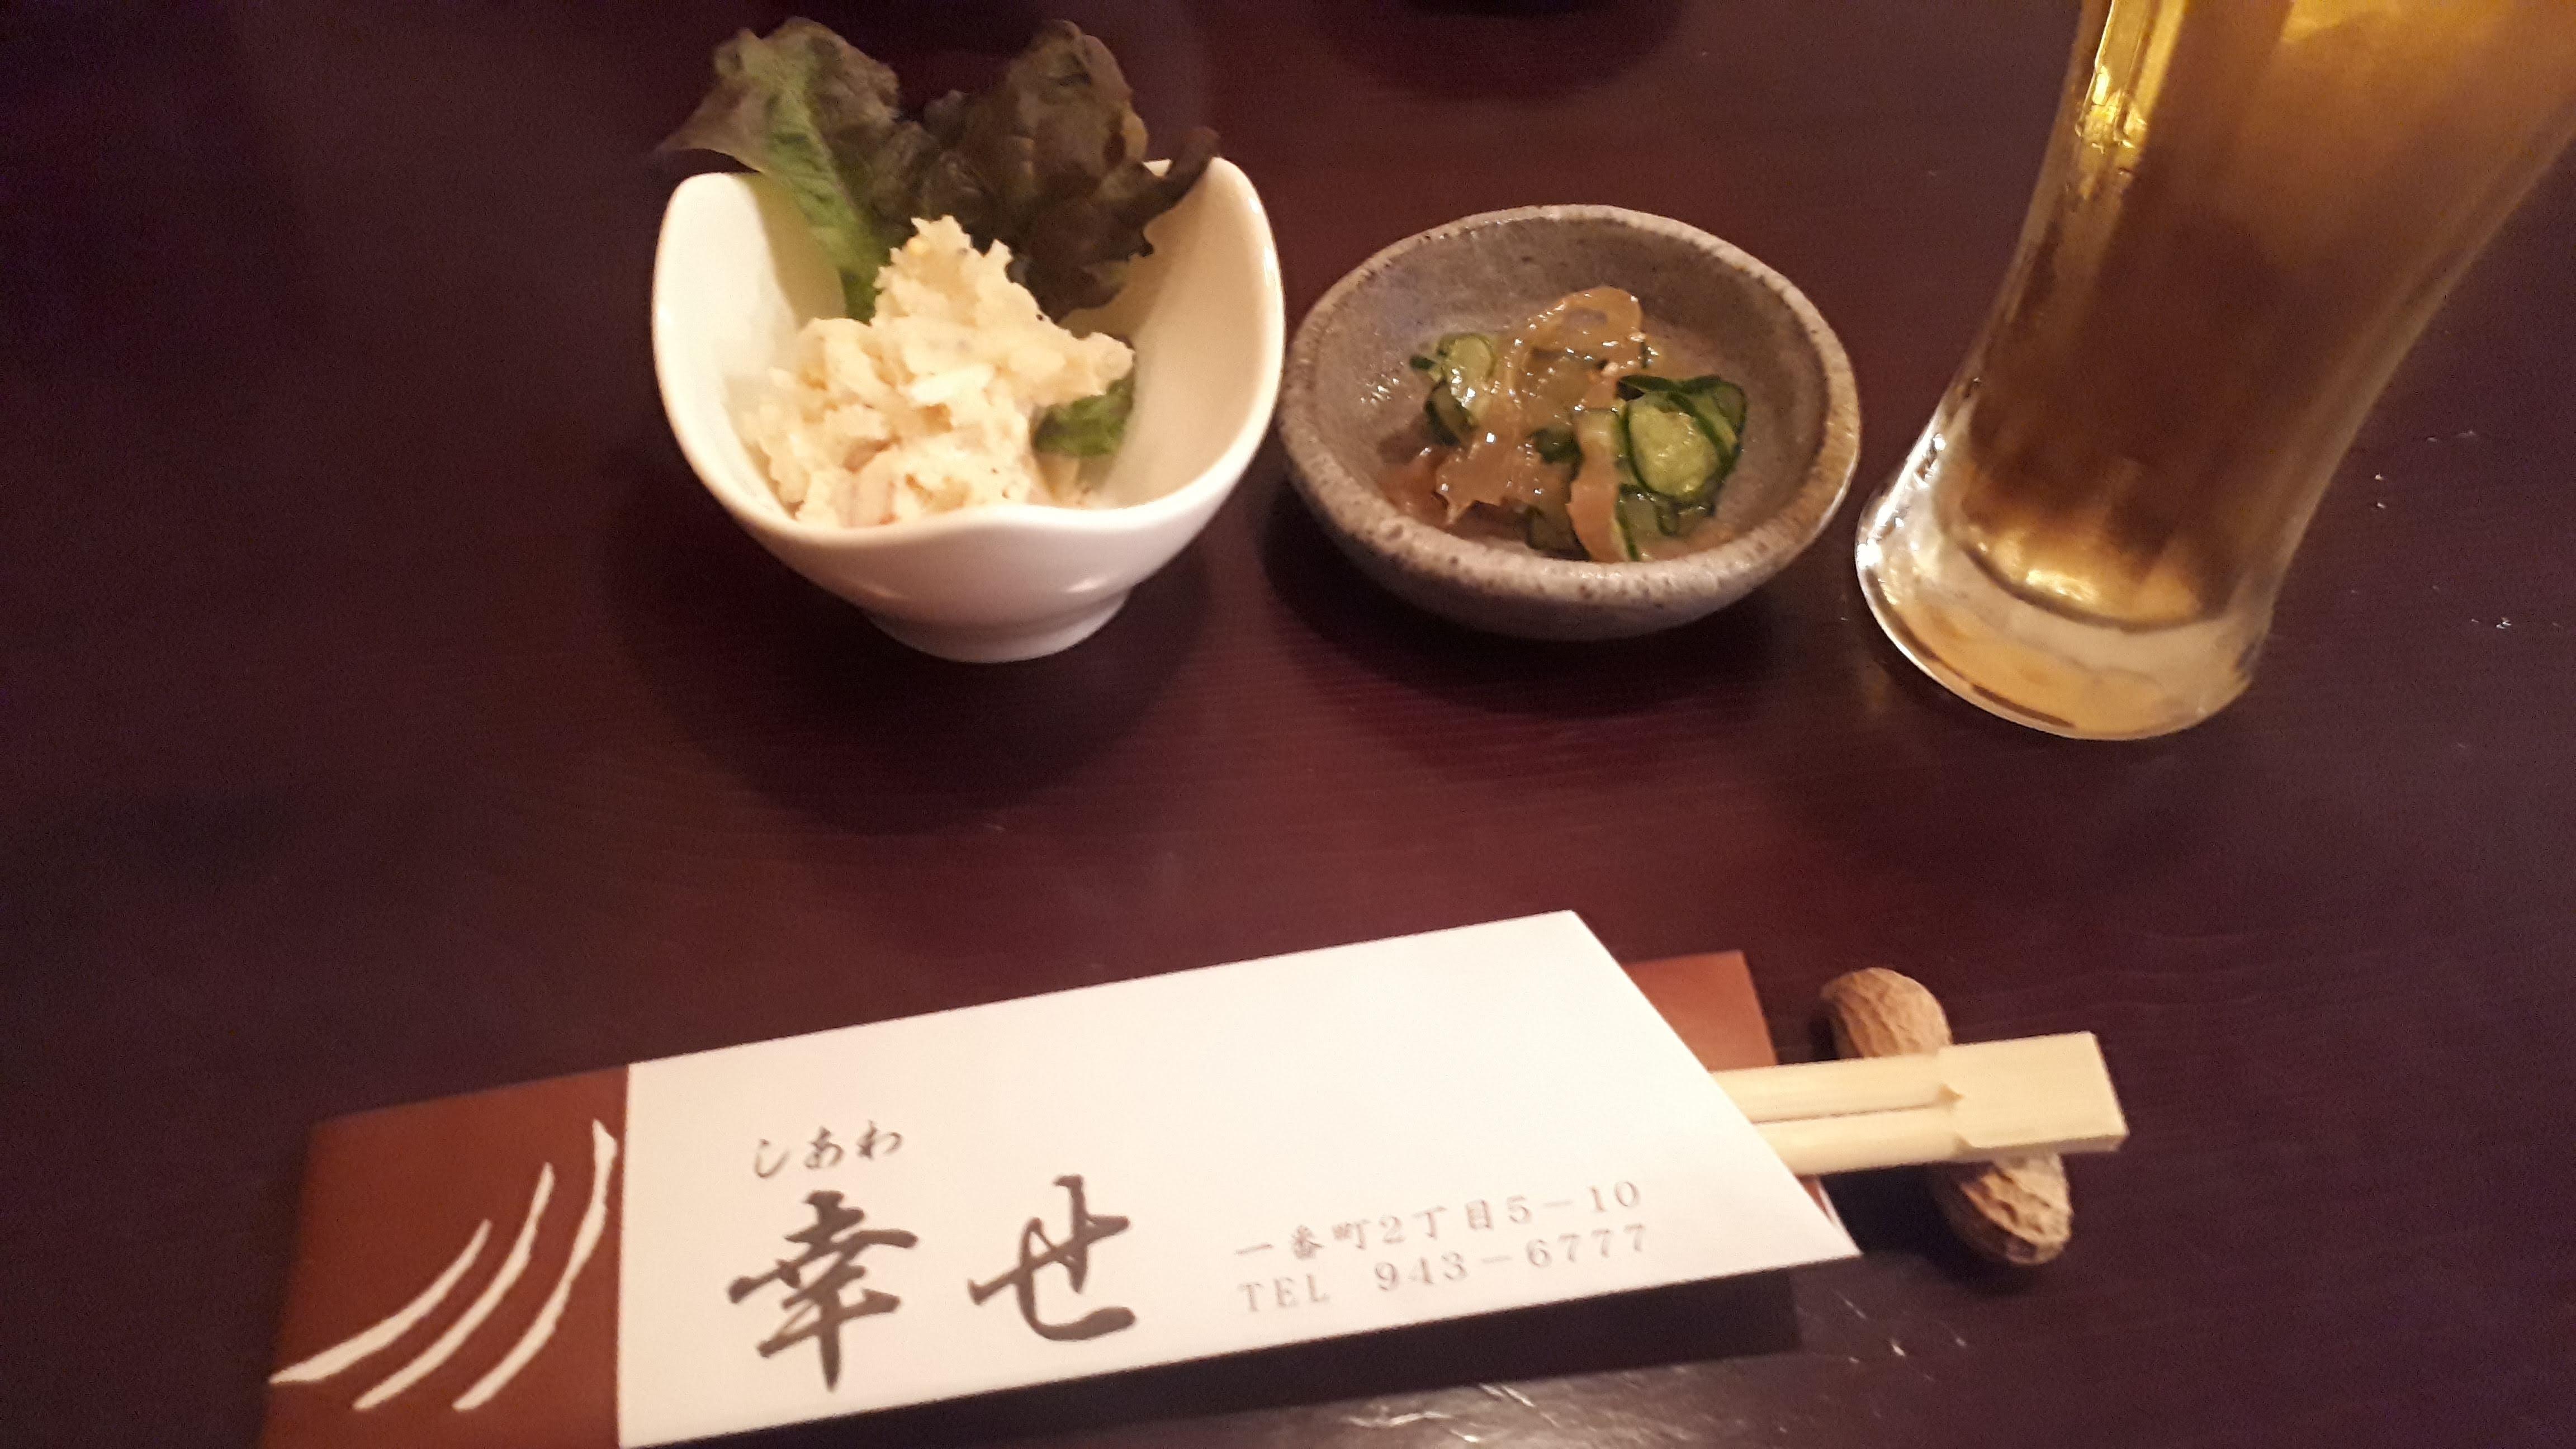 ネーミングが素敵!松山市にある居酒屋「創作居酒屋 幸せ」に行ってきました!